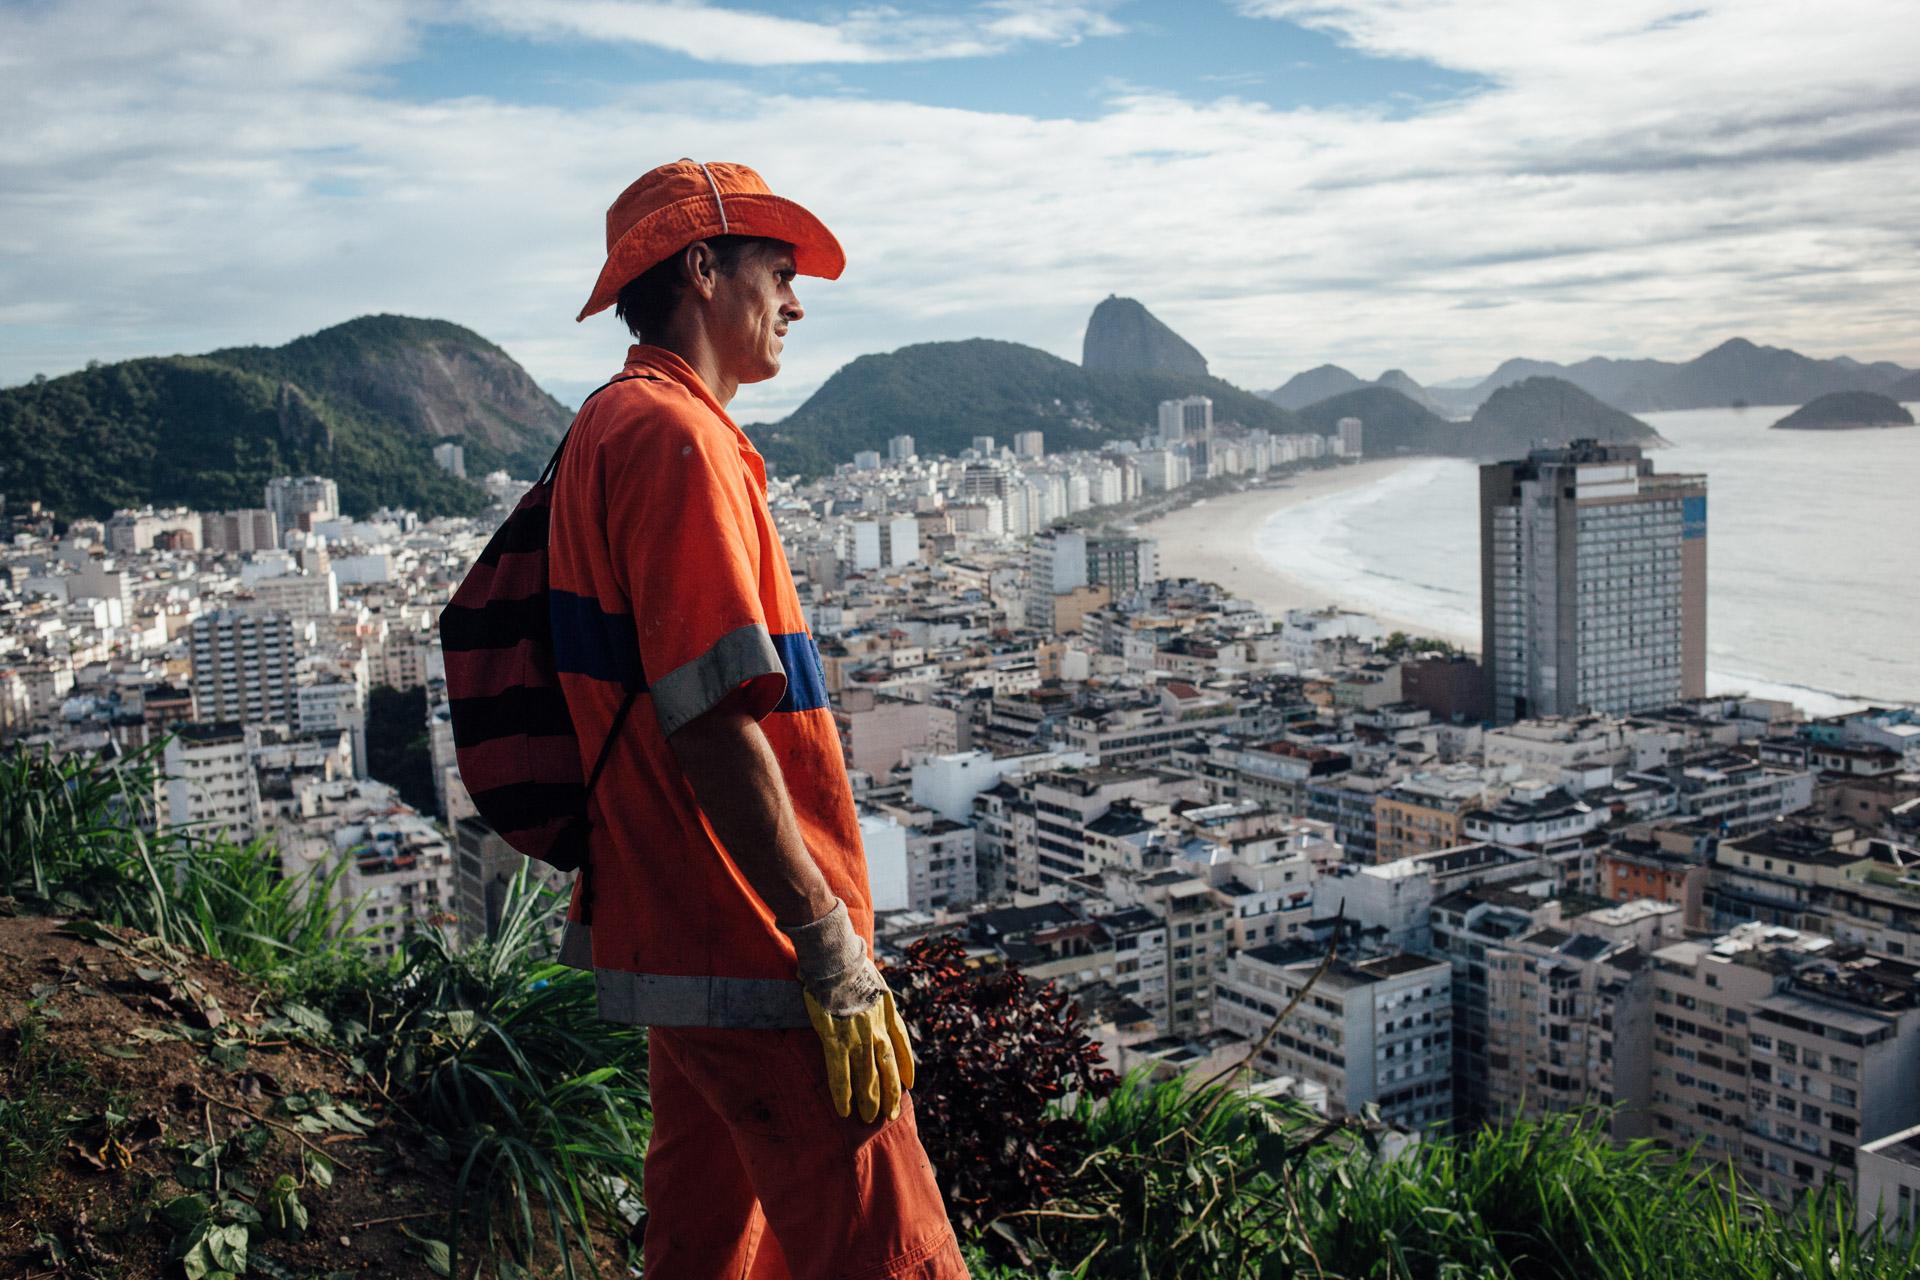 Rio de Janeiro, le 27 Novembre 2013. Marcos travaille depuis 3 ans dans la favela de Pavao pavaozinho. Tous les jours, il doit monter les poubelles en plastique à bord du funiculaire. Le point de collecte est au pied d'un vide ordure de plusieurs dizaines de metres dans lequel les habitants jettent les ordures du haut de la favela.Rio de Janeiro, November 27, 2013. Marcos has been working for 3 years in the favela Pavao Pavãozinho. Every day, he must mount plastic bins in the funicular. The collection point is at the bottom of a trash chute of several tens of meters in which people throw garbage from the top of the favela.